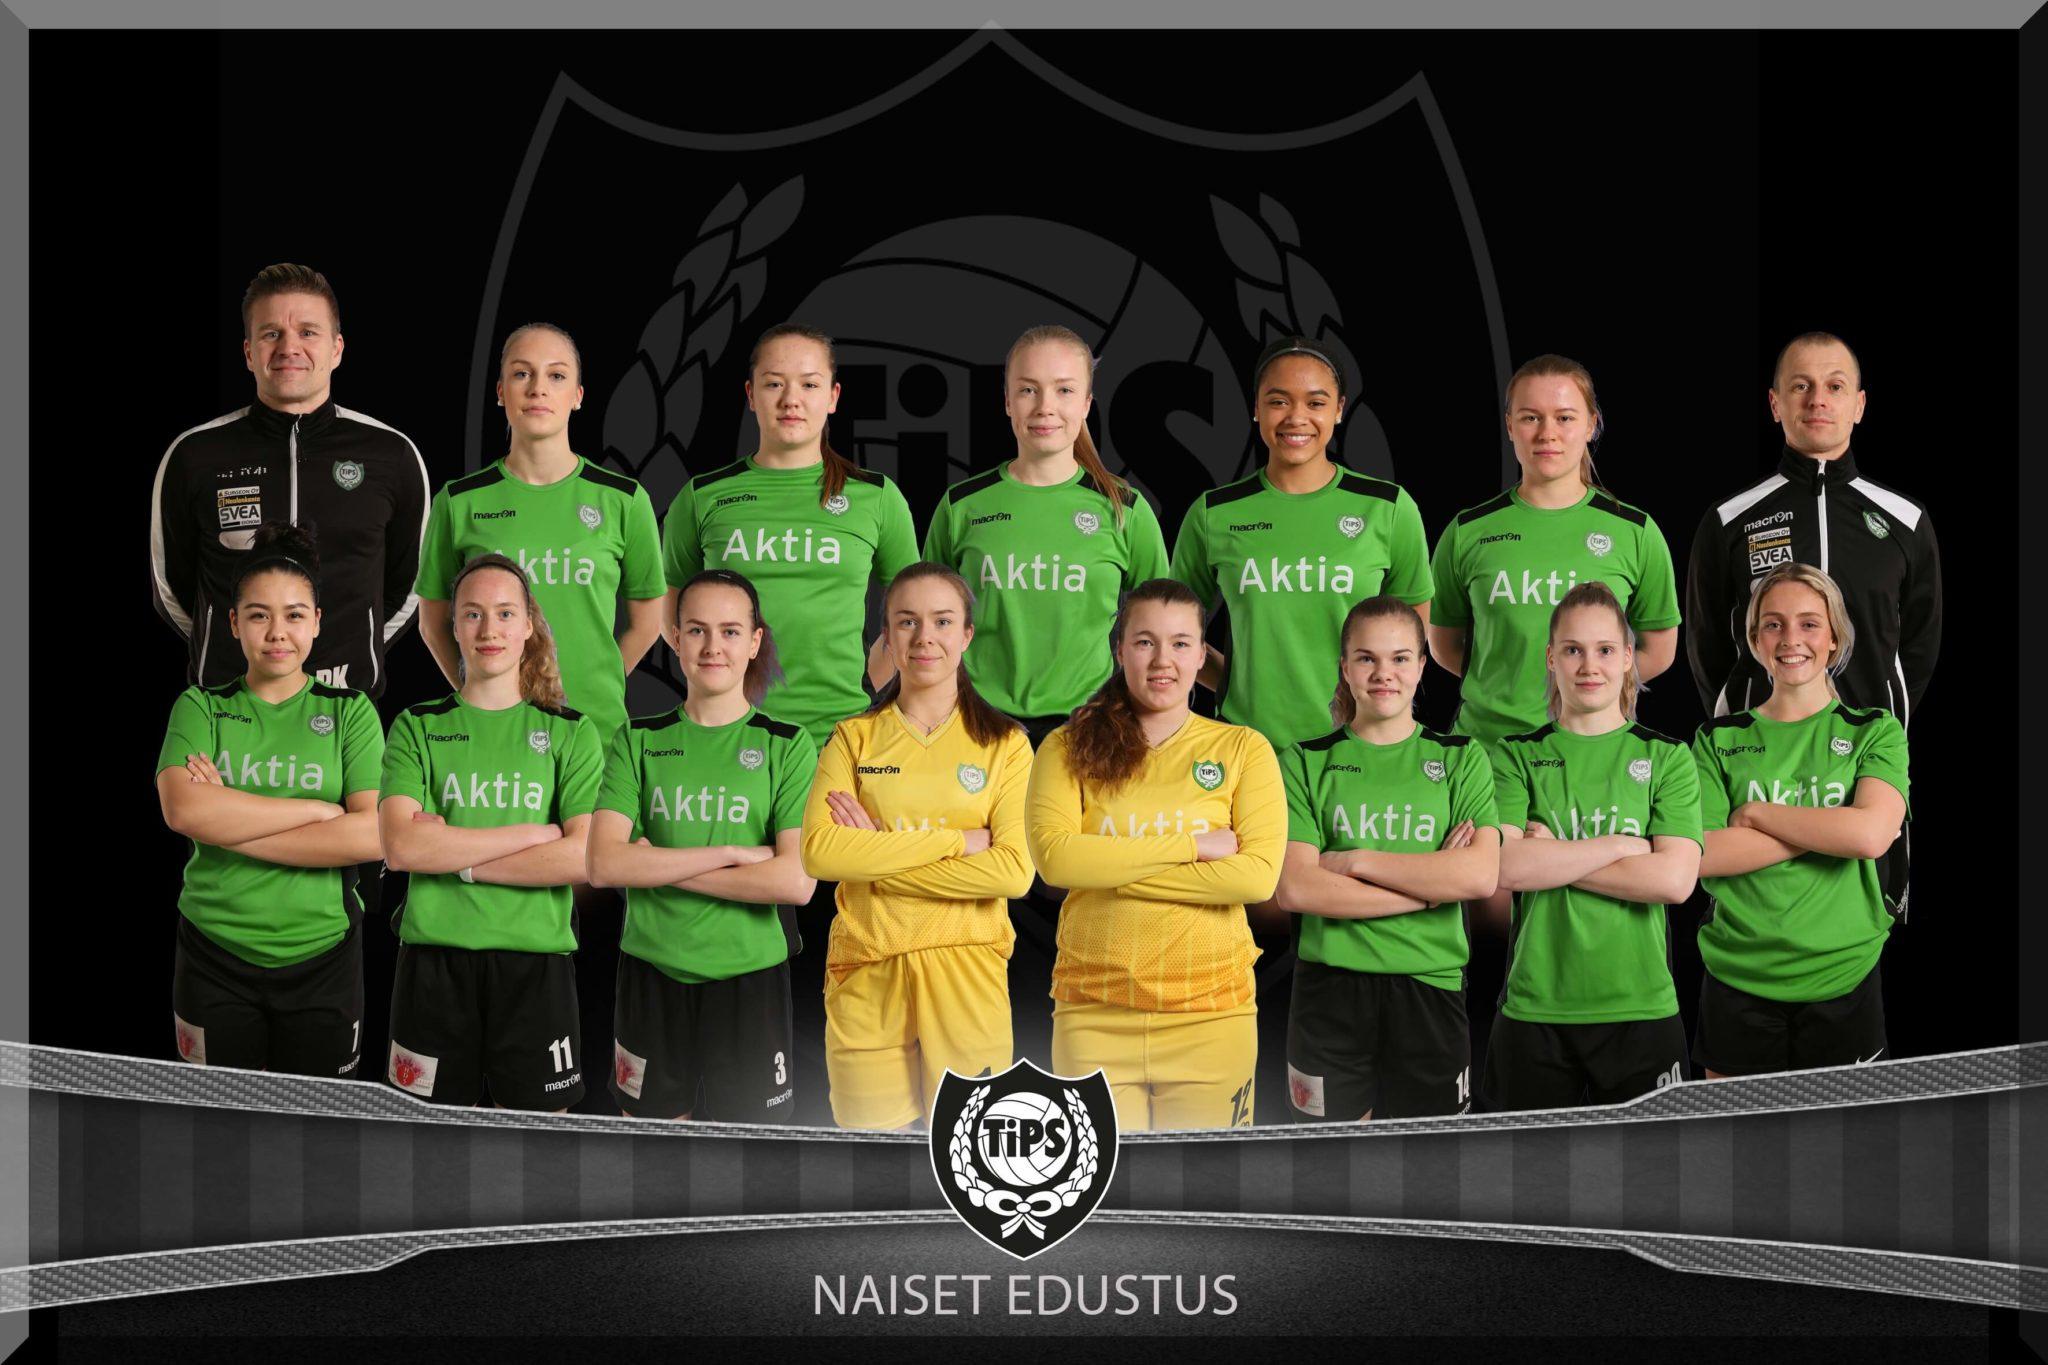 TiPS Naisten joukkueet